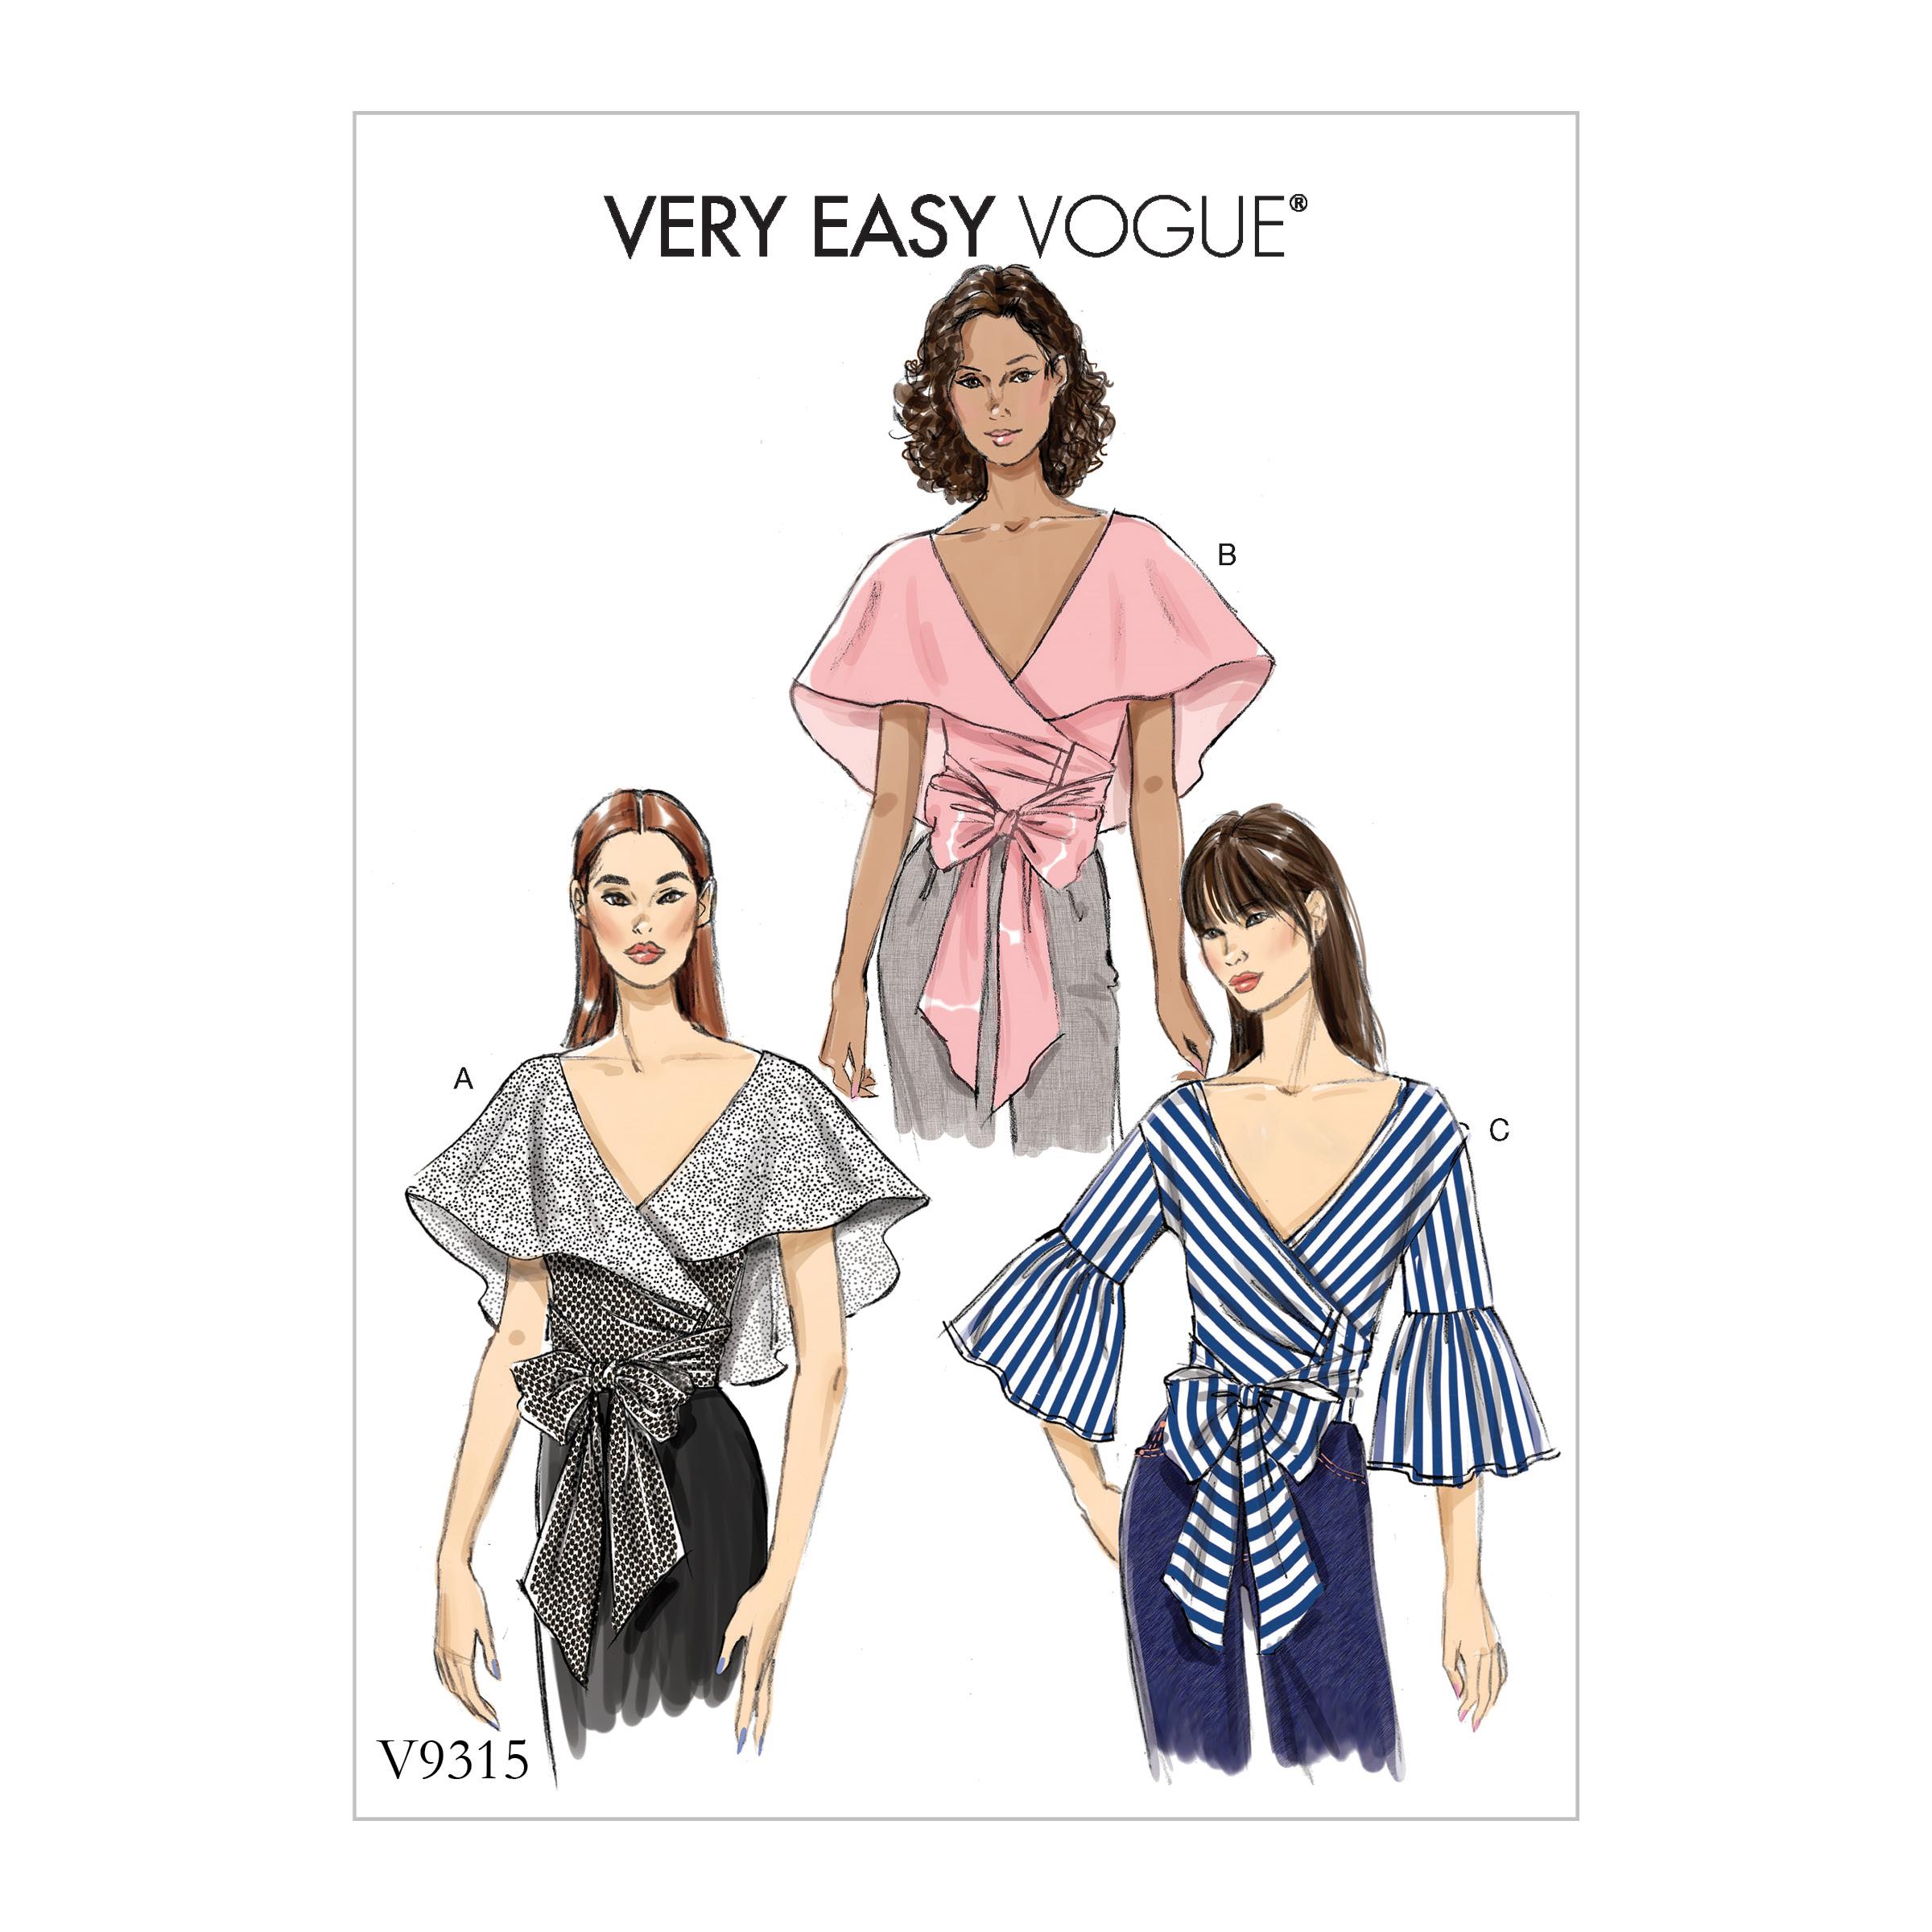 0377156218 Vogue Patterns 9315 MISSES' TOP